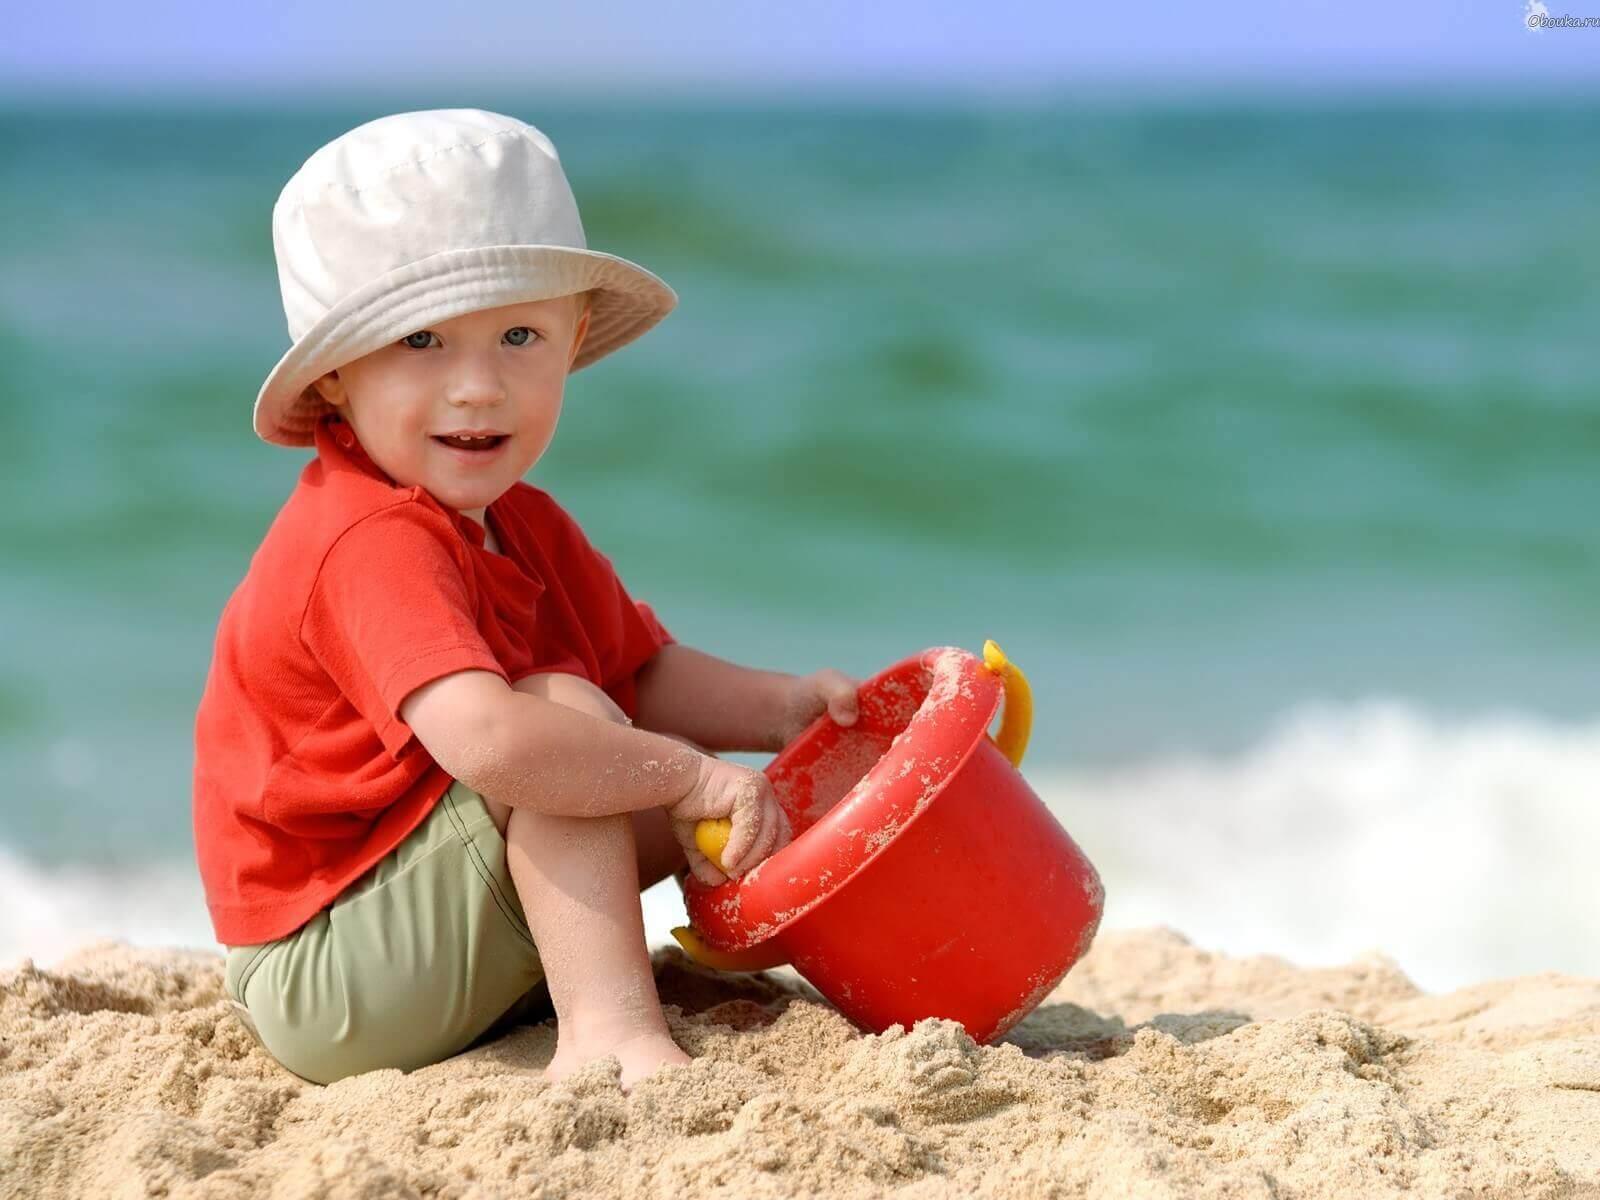 Enfant à la plage dans le sable, en plein jeu créatif avec un seau